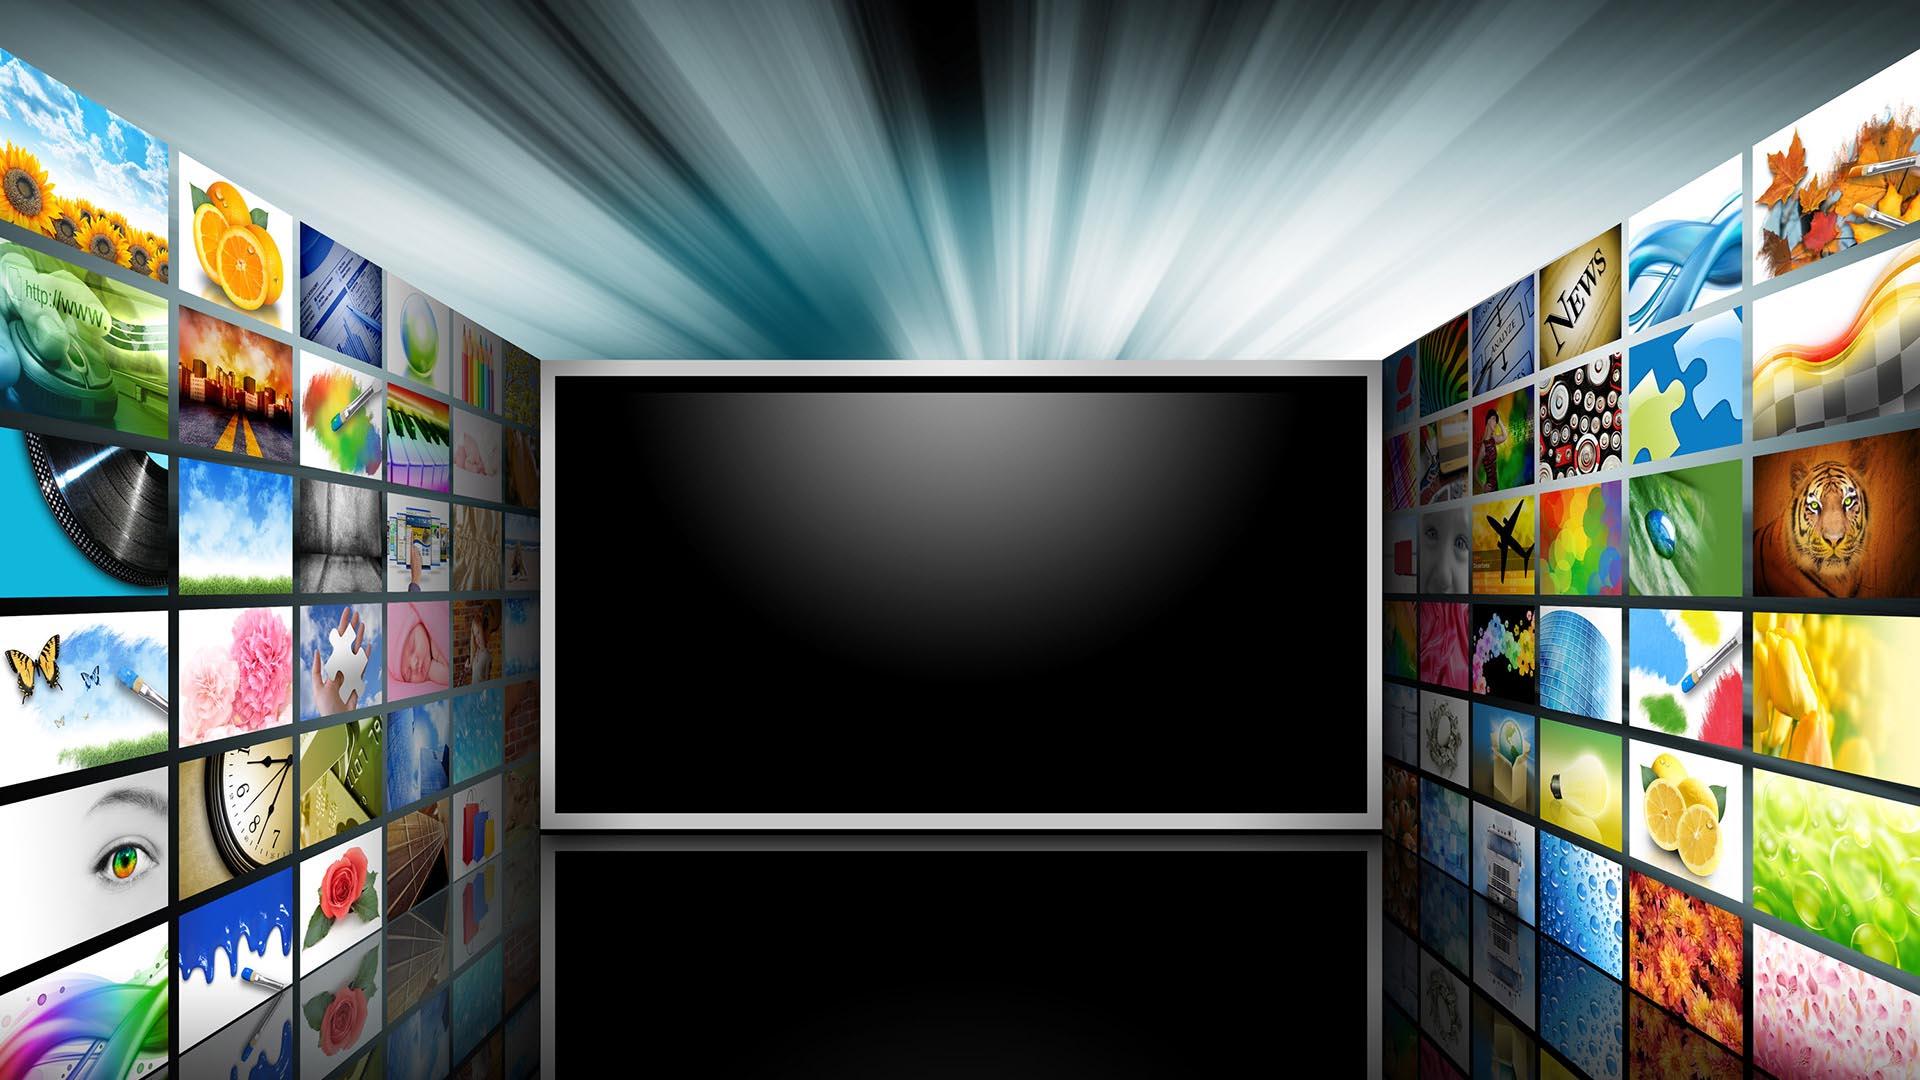 En los últimos 12 años el sector de la televisión paga ha crecido de manera constante